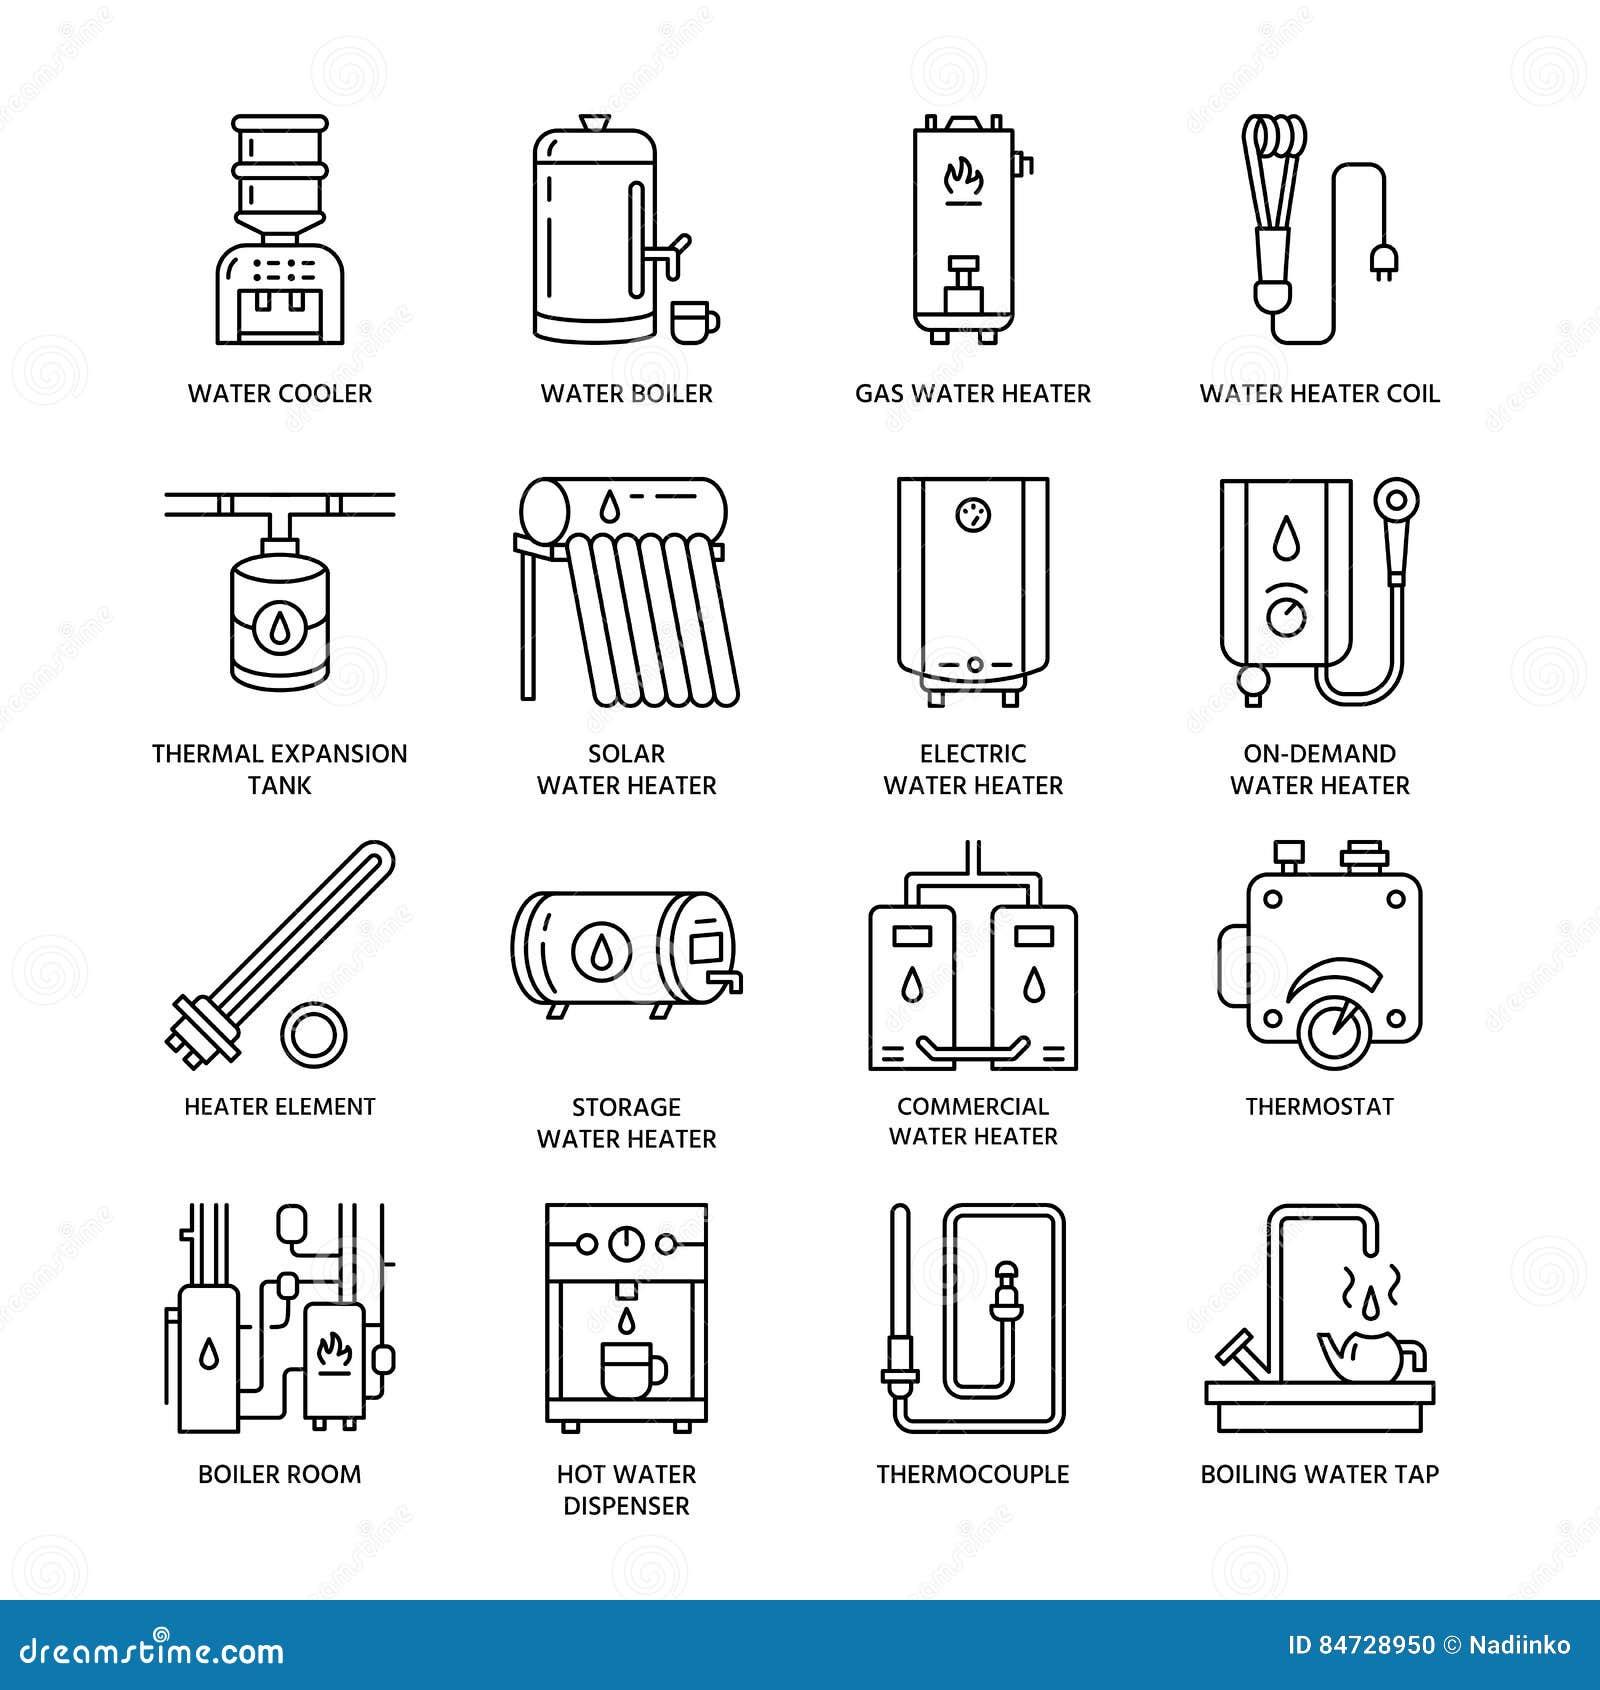 Le chauffe eau la chaudi re le thermostat lectriques gaz appareils de chauffage solaires - Symbole radiateur electrique ...